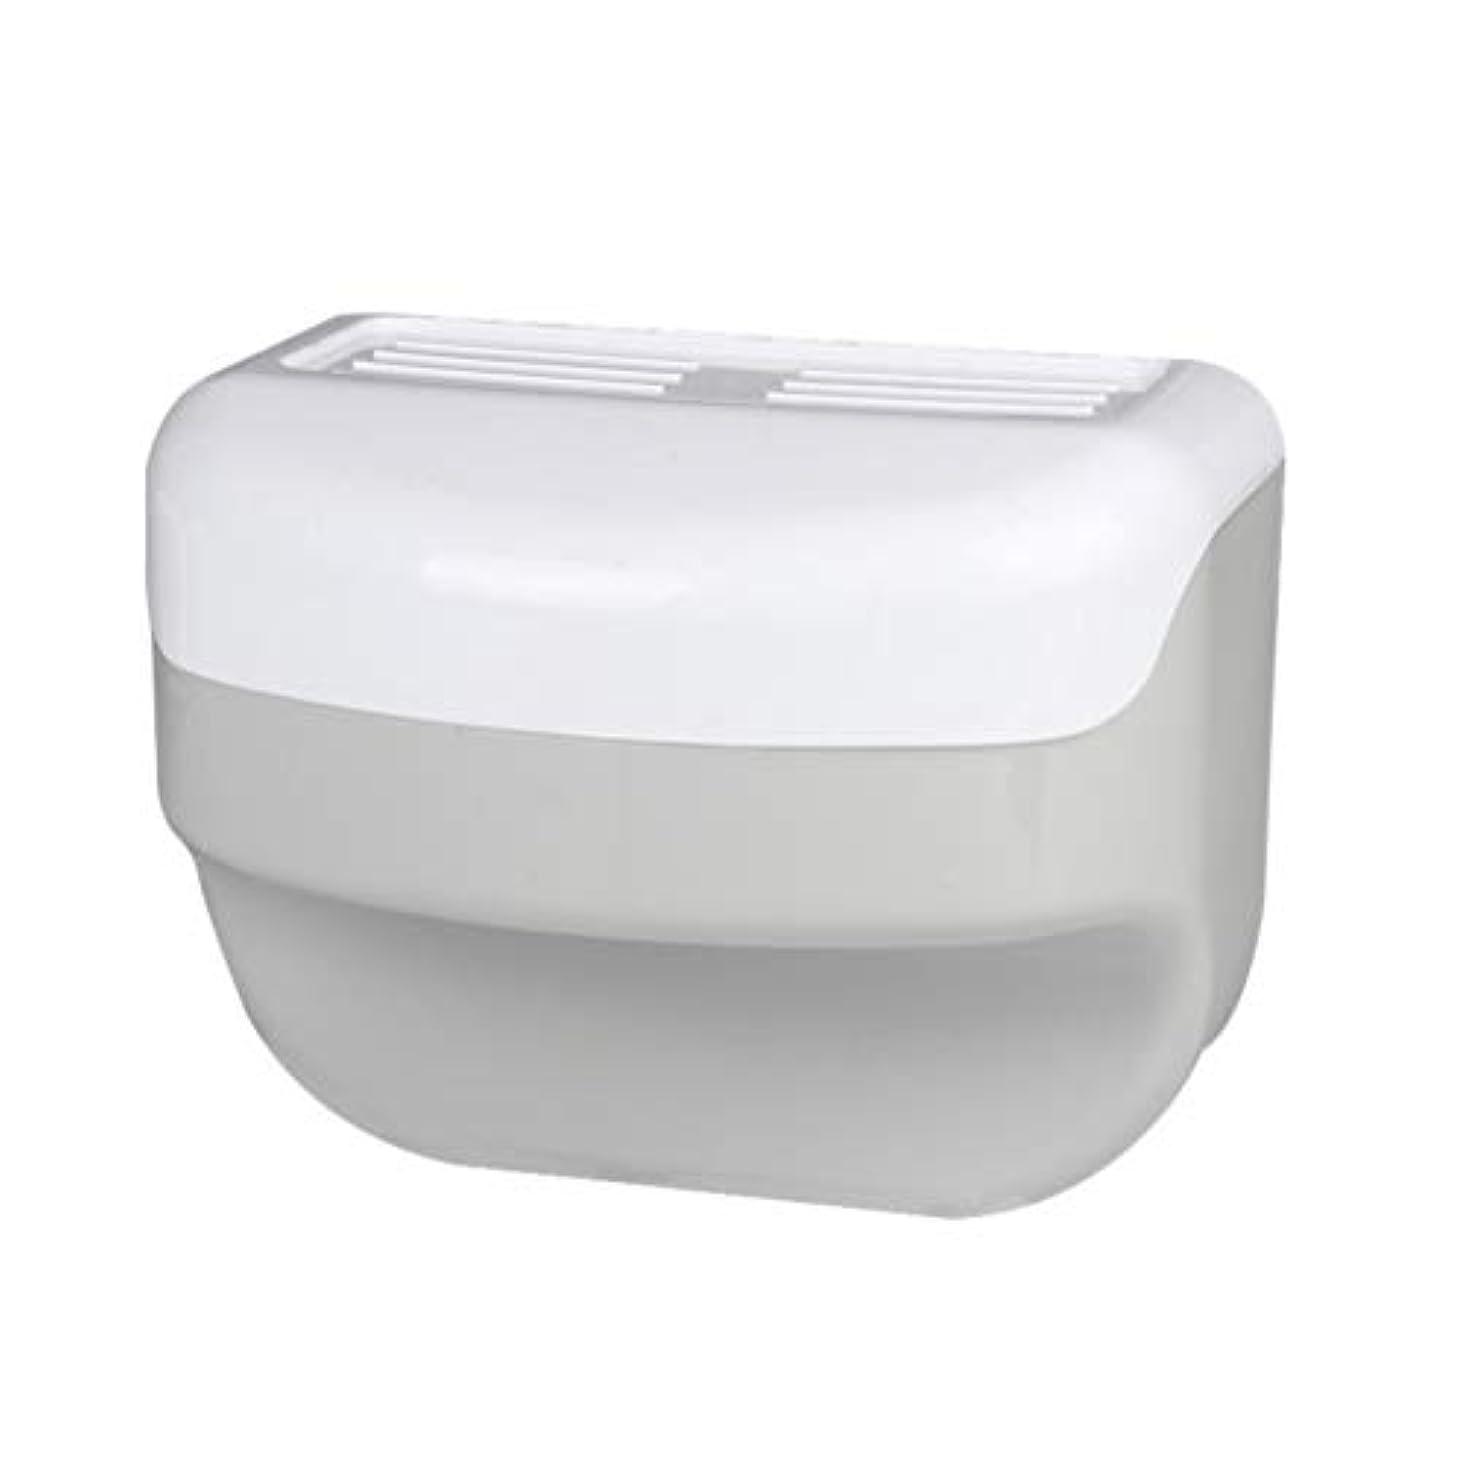 杖貼り直すチャレンジTOPBATHY 浴室トイレティッシュボックスラック壁吸盤ロールホルダーフリー掘削ネイルフリーティッシュボックス